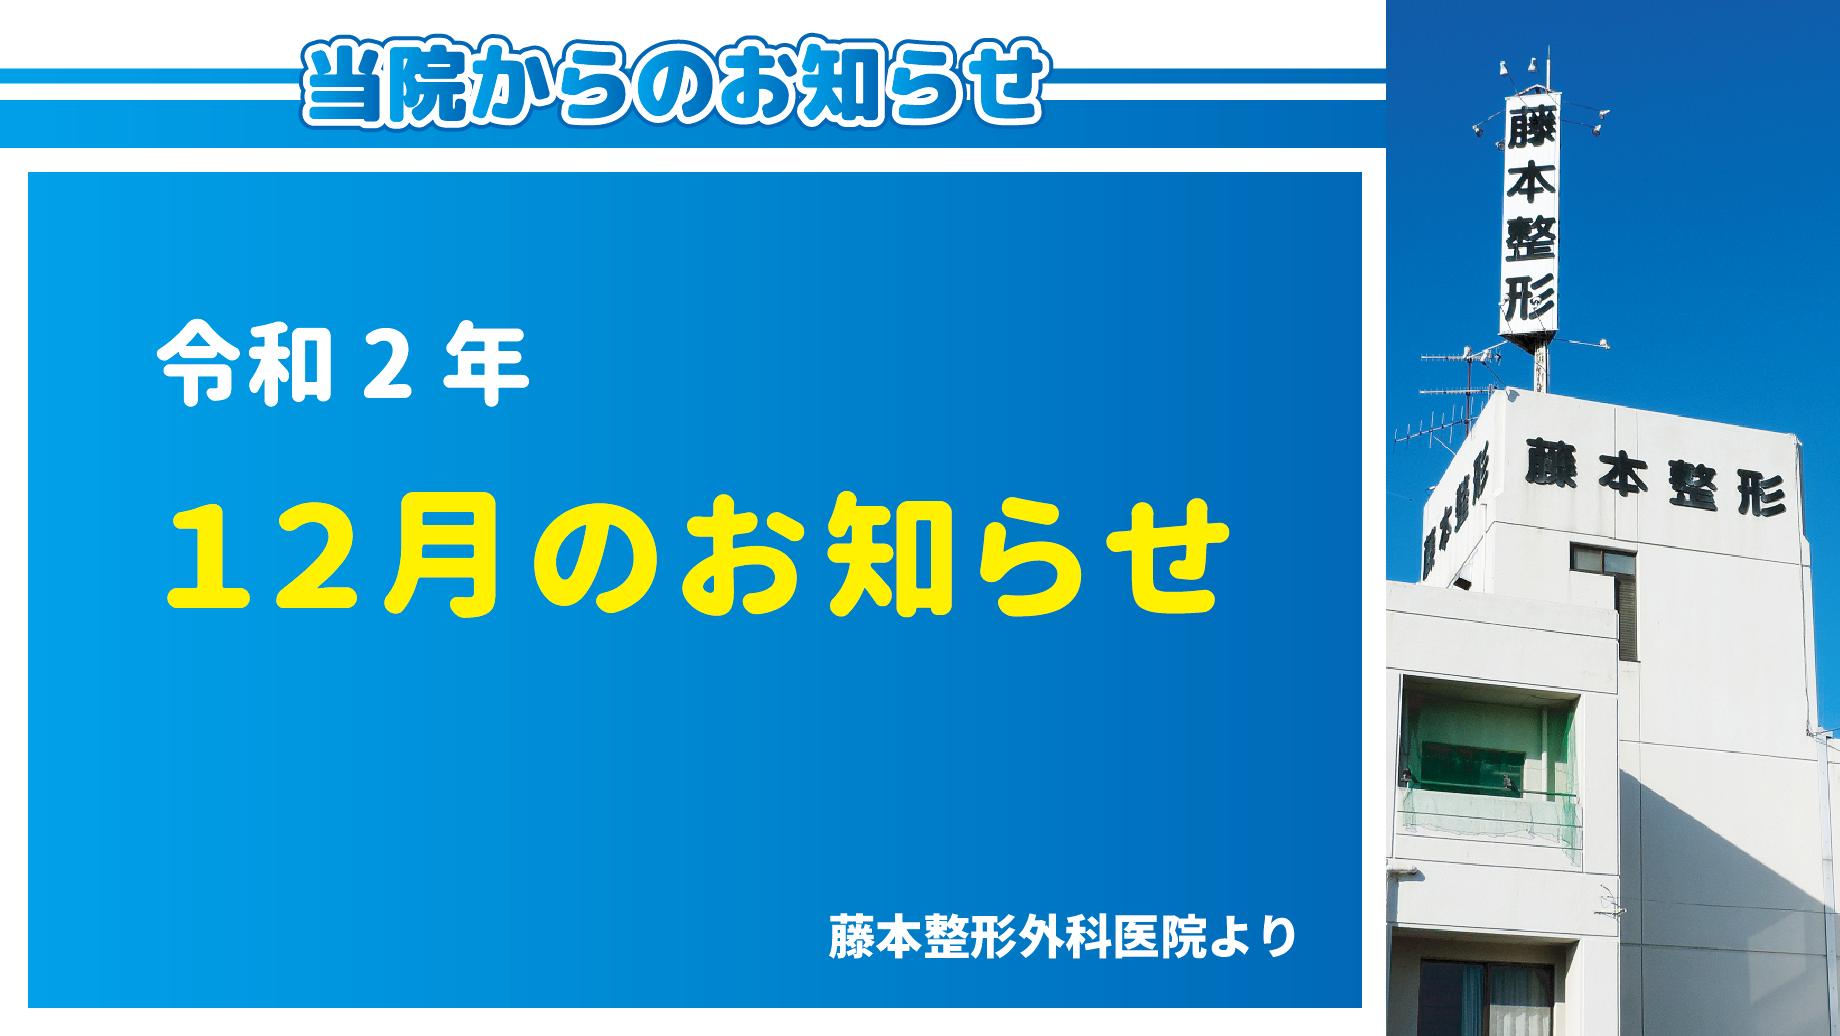 令和2年12月のお知らせ(大分の藤本整形外科医院より)